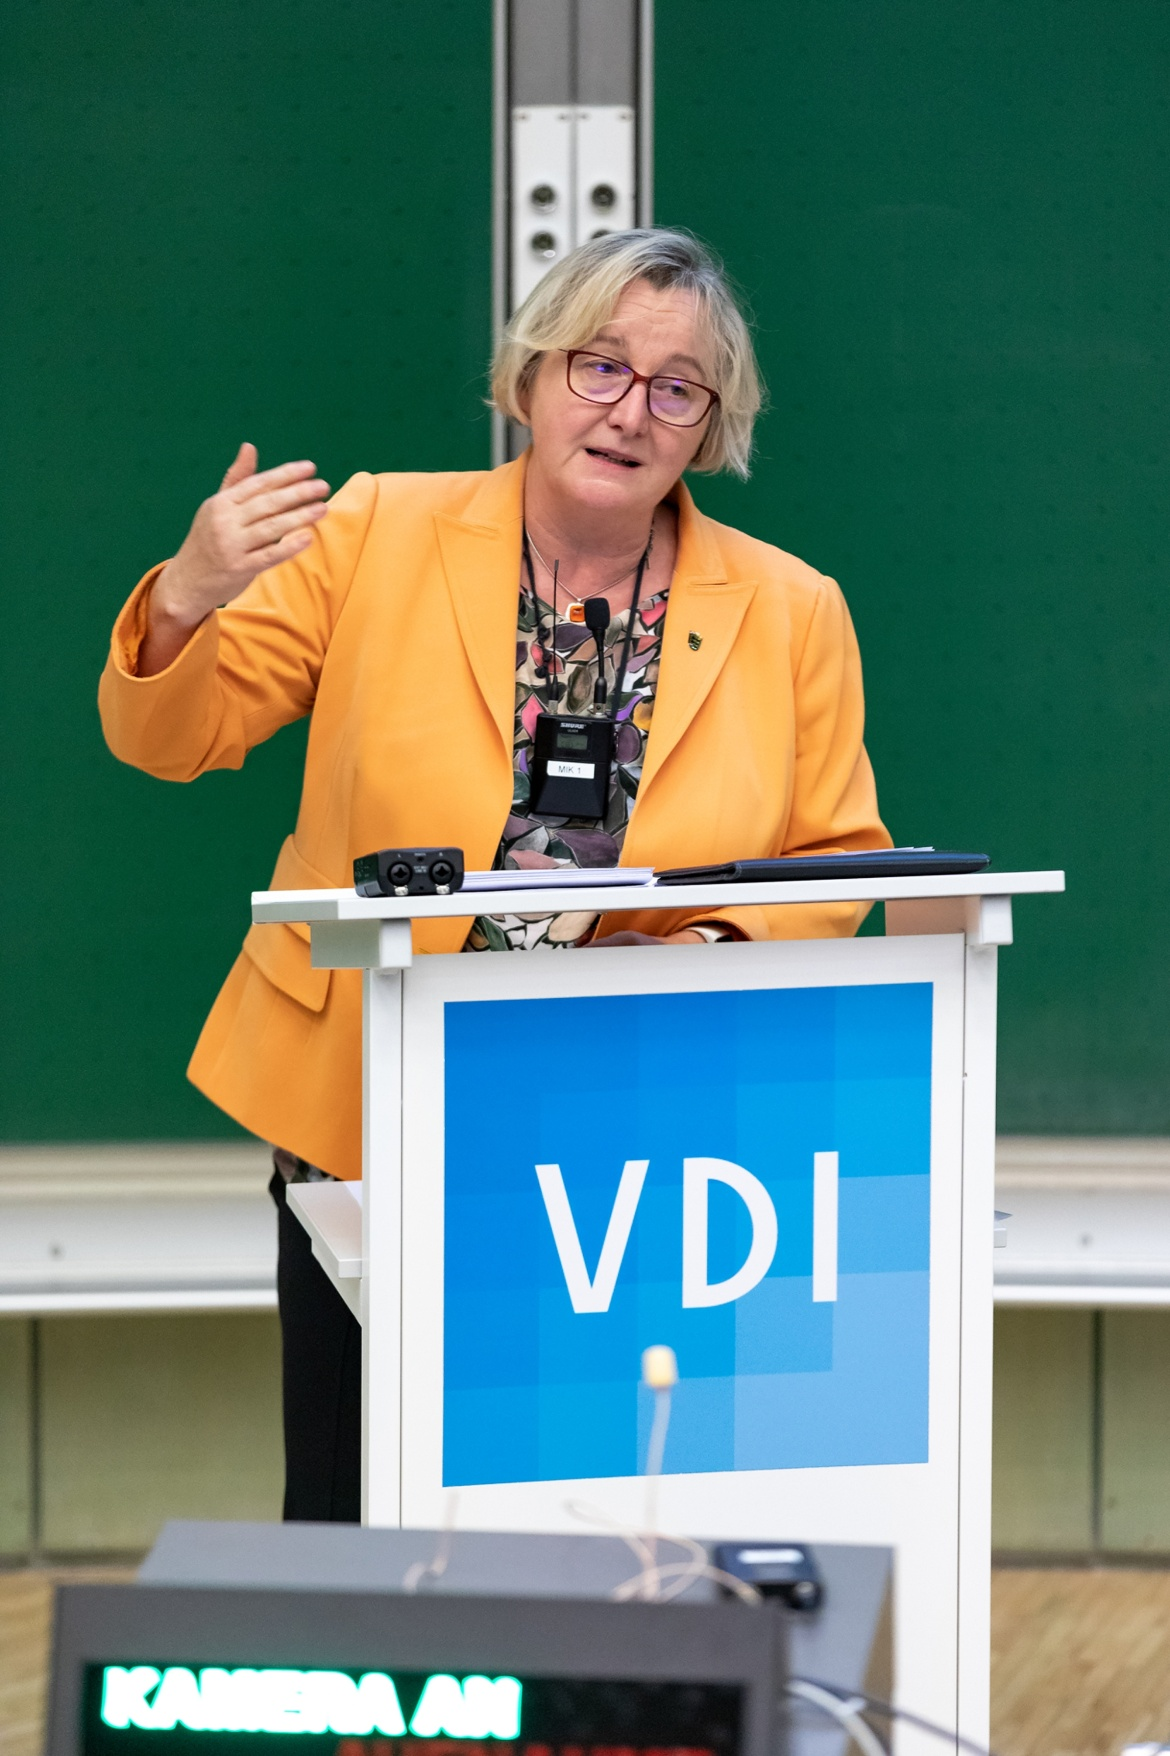 """""""Um schnelleren Veränderungen bewältigen zu können, brauchen wir die Ingenieure"""", betonteTheresia Bauer, Ministerin für Wissenschaft, Forschung und Kunst Baden-Württemberg."""